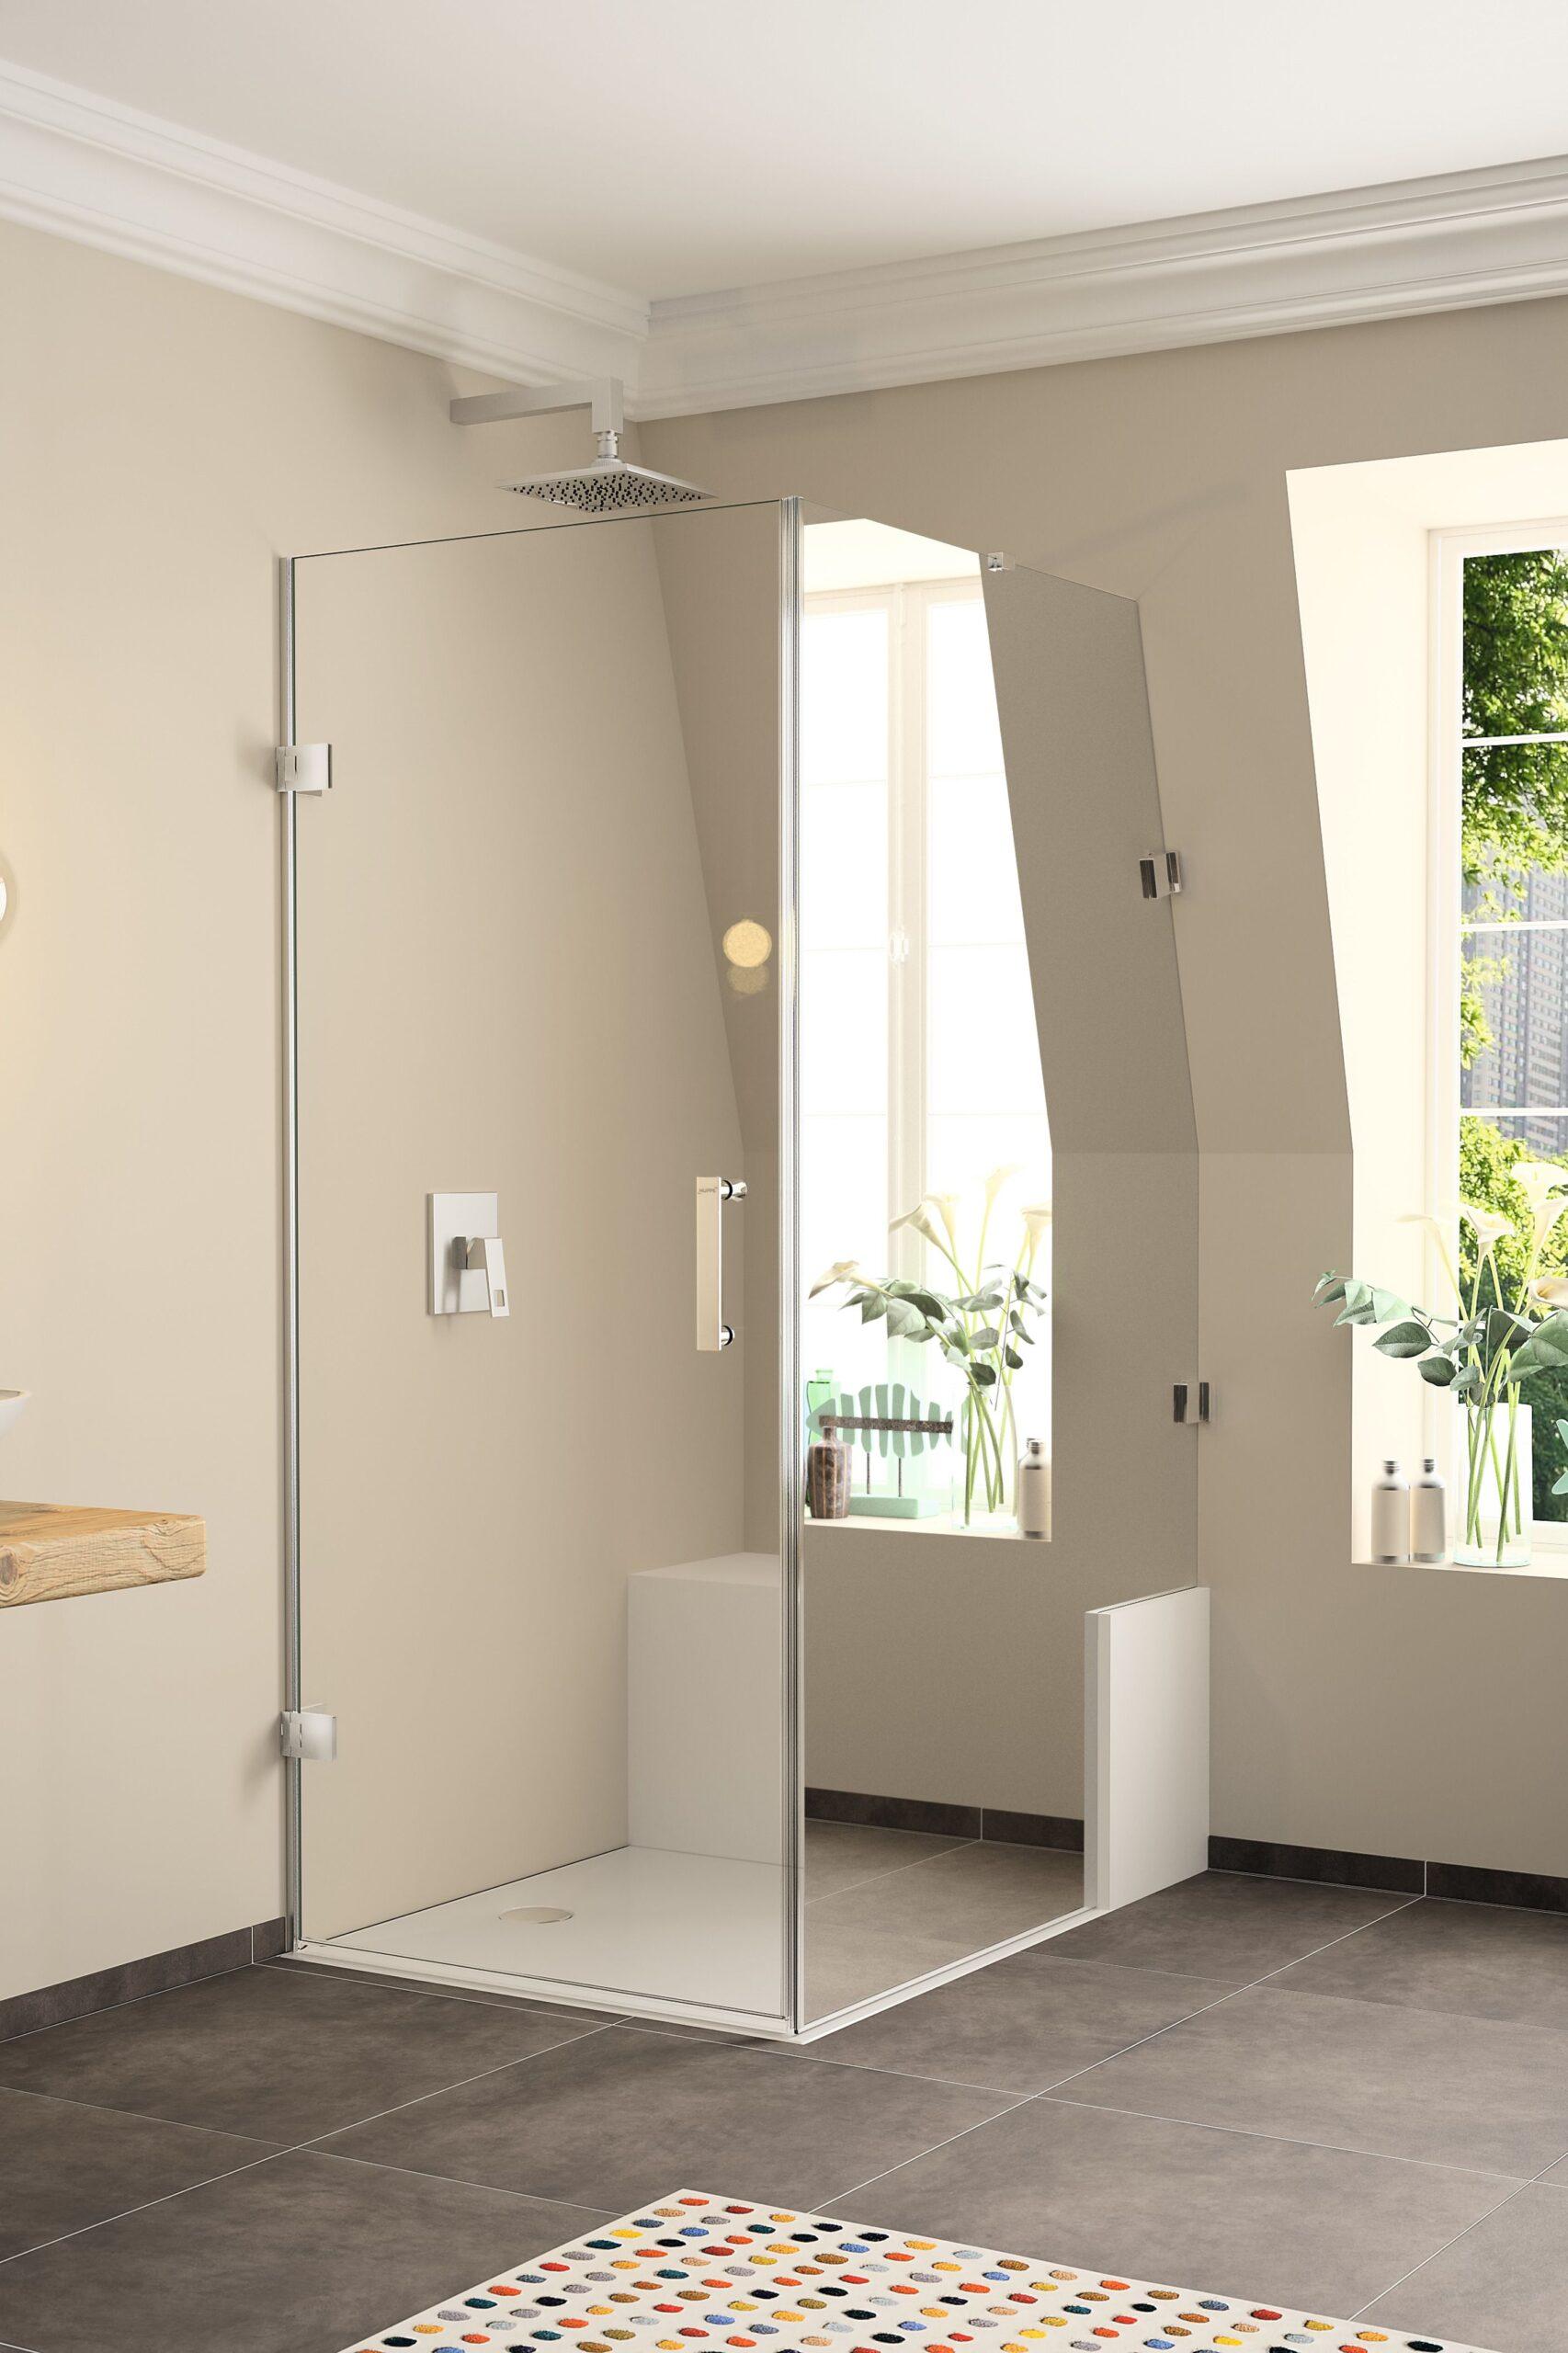 Full Size of Schtzen Sie Schlichte Eleganz Kombiniert Mit Ausgefeilter Technik Hüppe Duschen Moderne Begehbare Kaufen Schulte Sprinz Dusche Bodengleiche Werksverkauf Dusche Hüppe Duschen